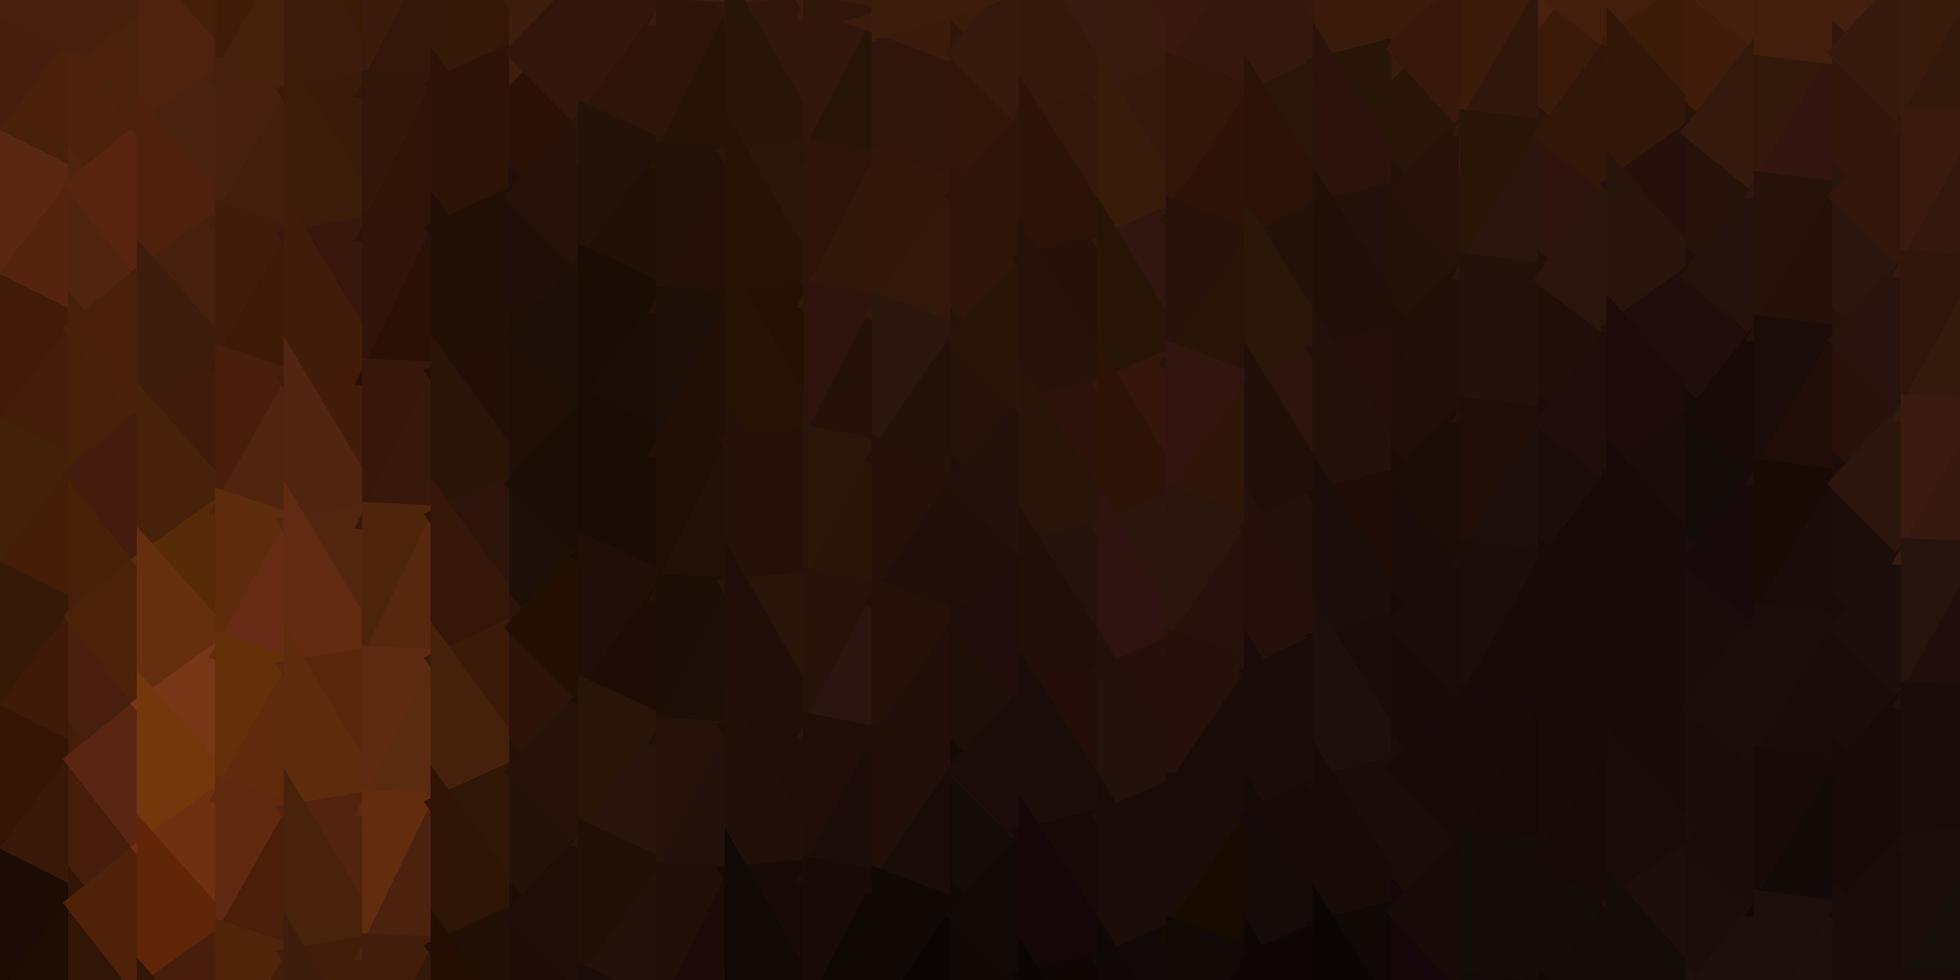 abstrakter Dreieckhintergrund des dunkelbraunen Vektors. vektor